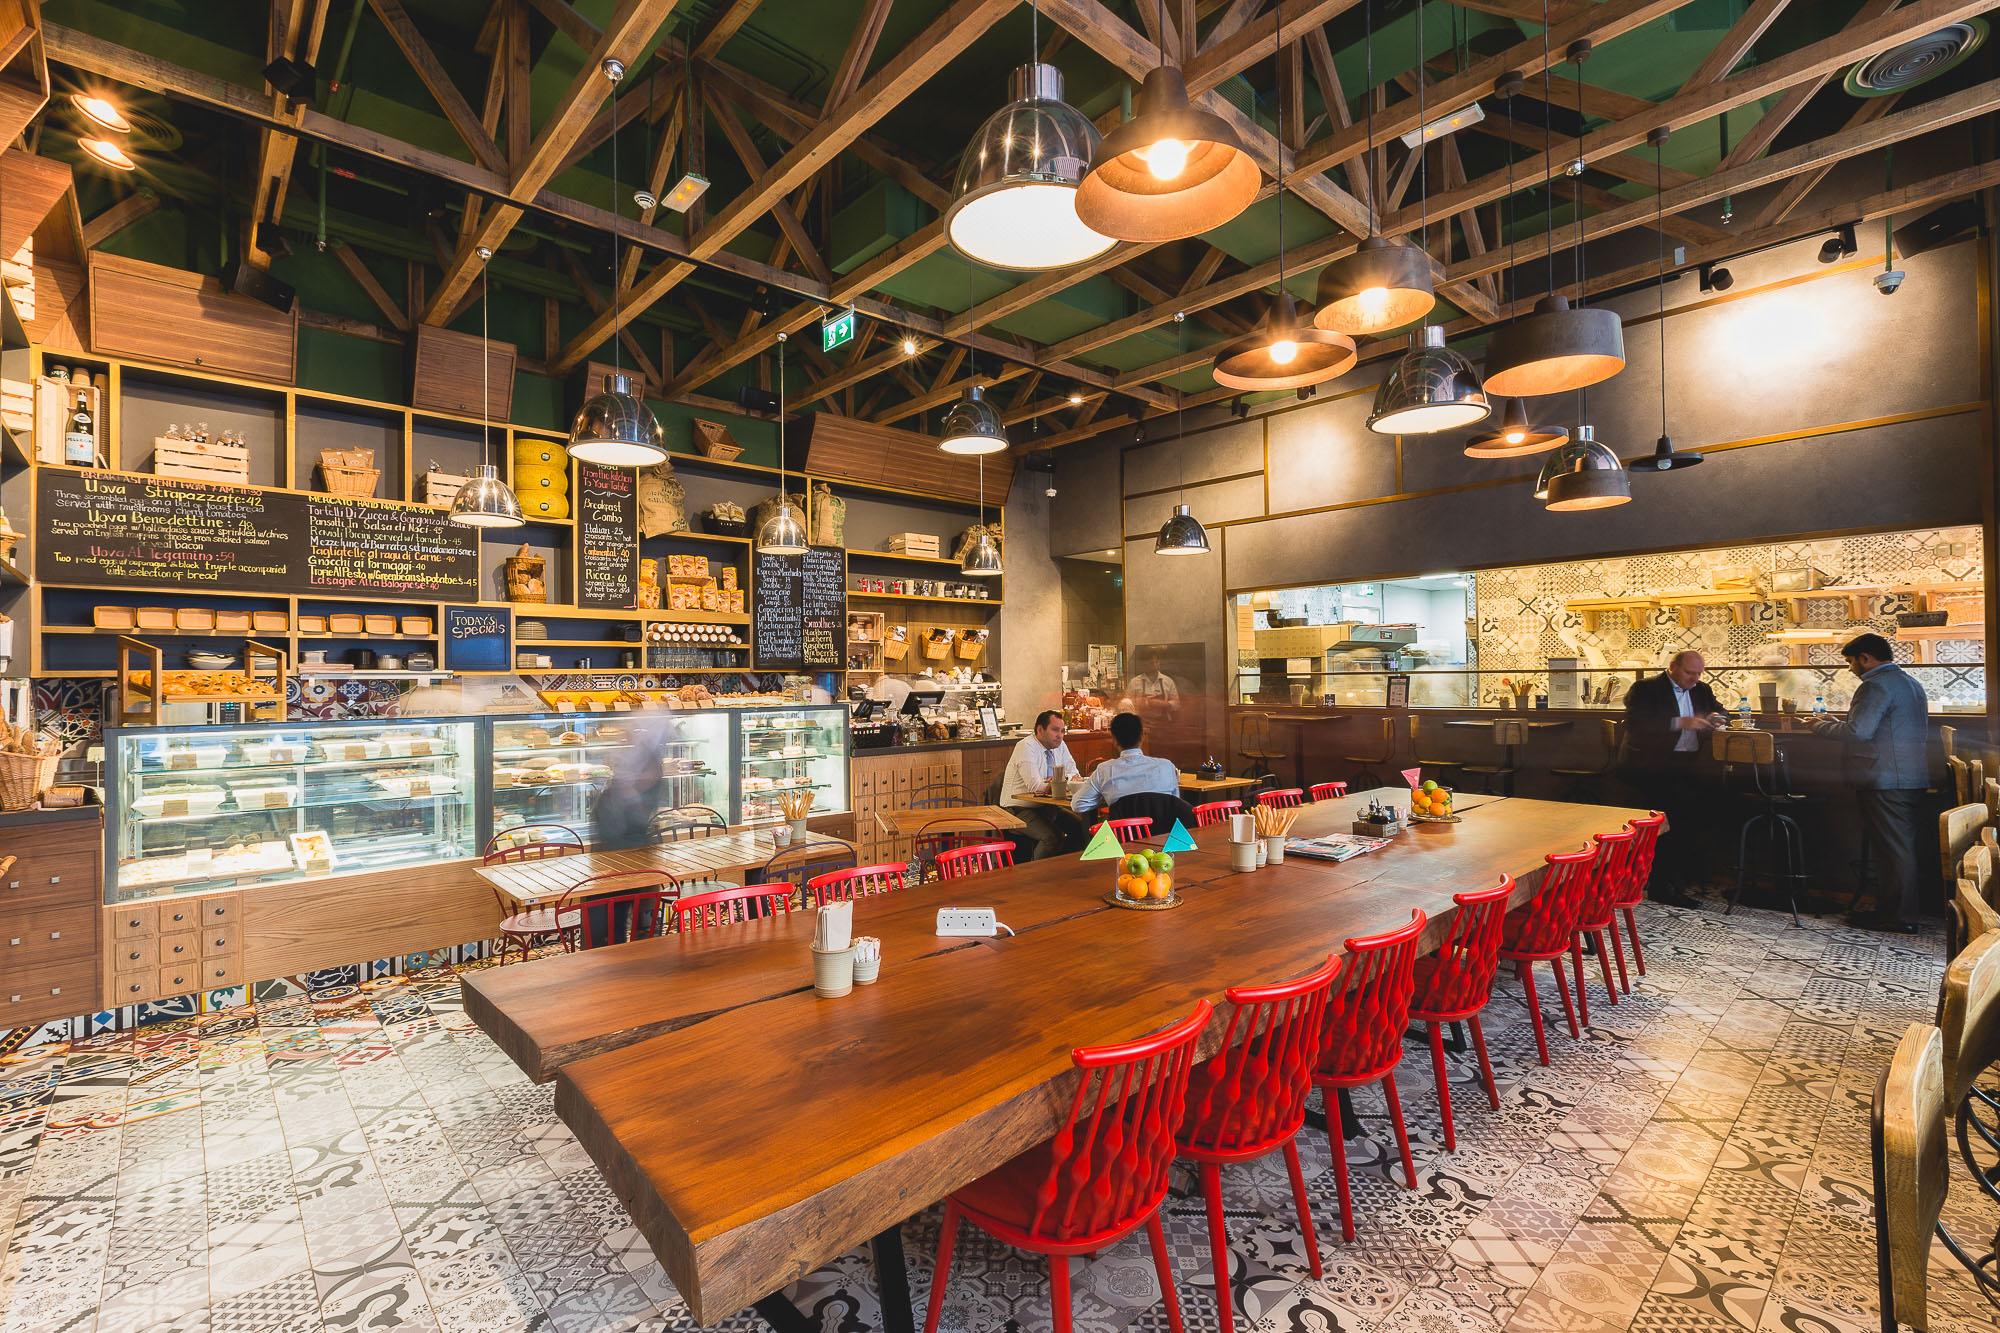 mercato_italia_kitchen_dubai_10